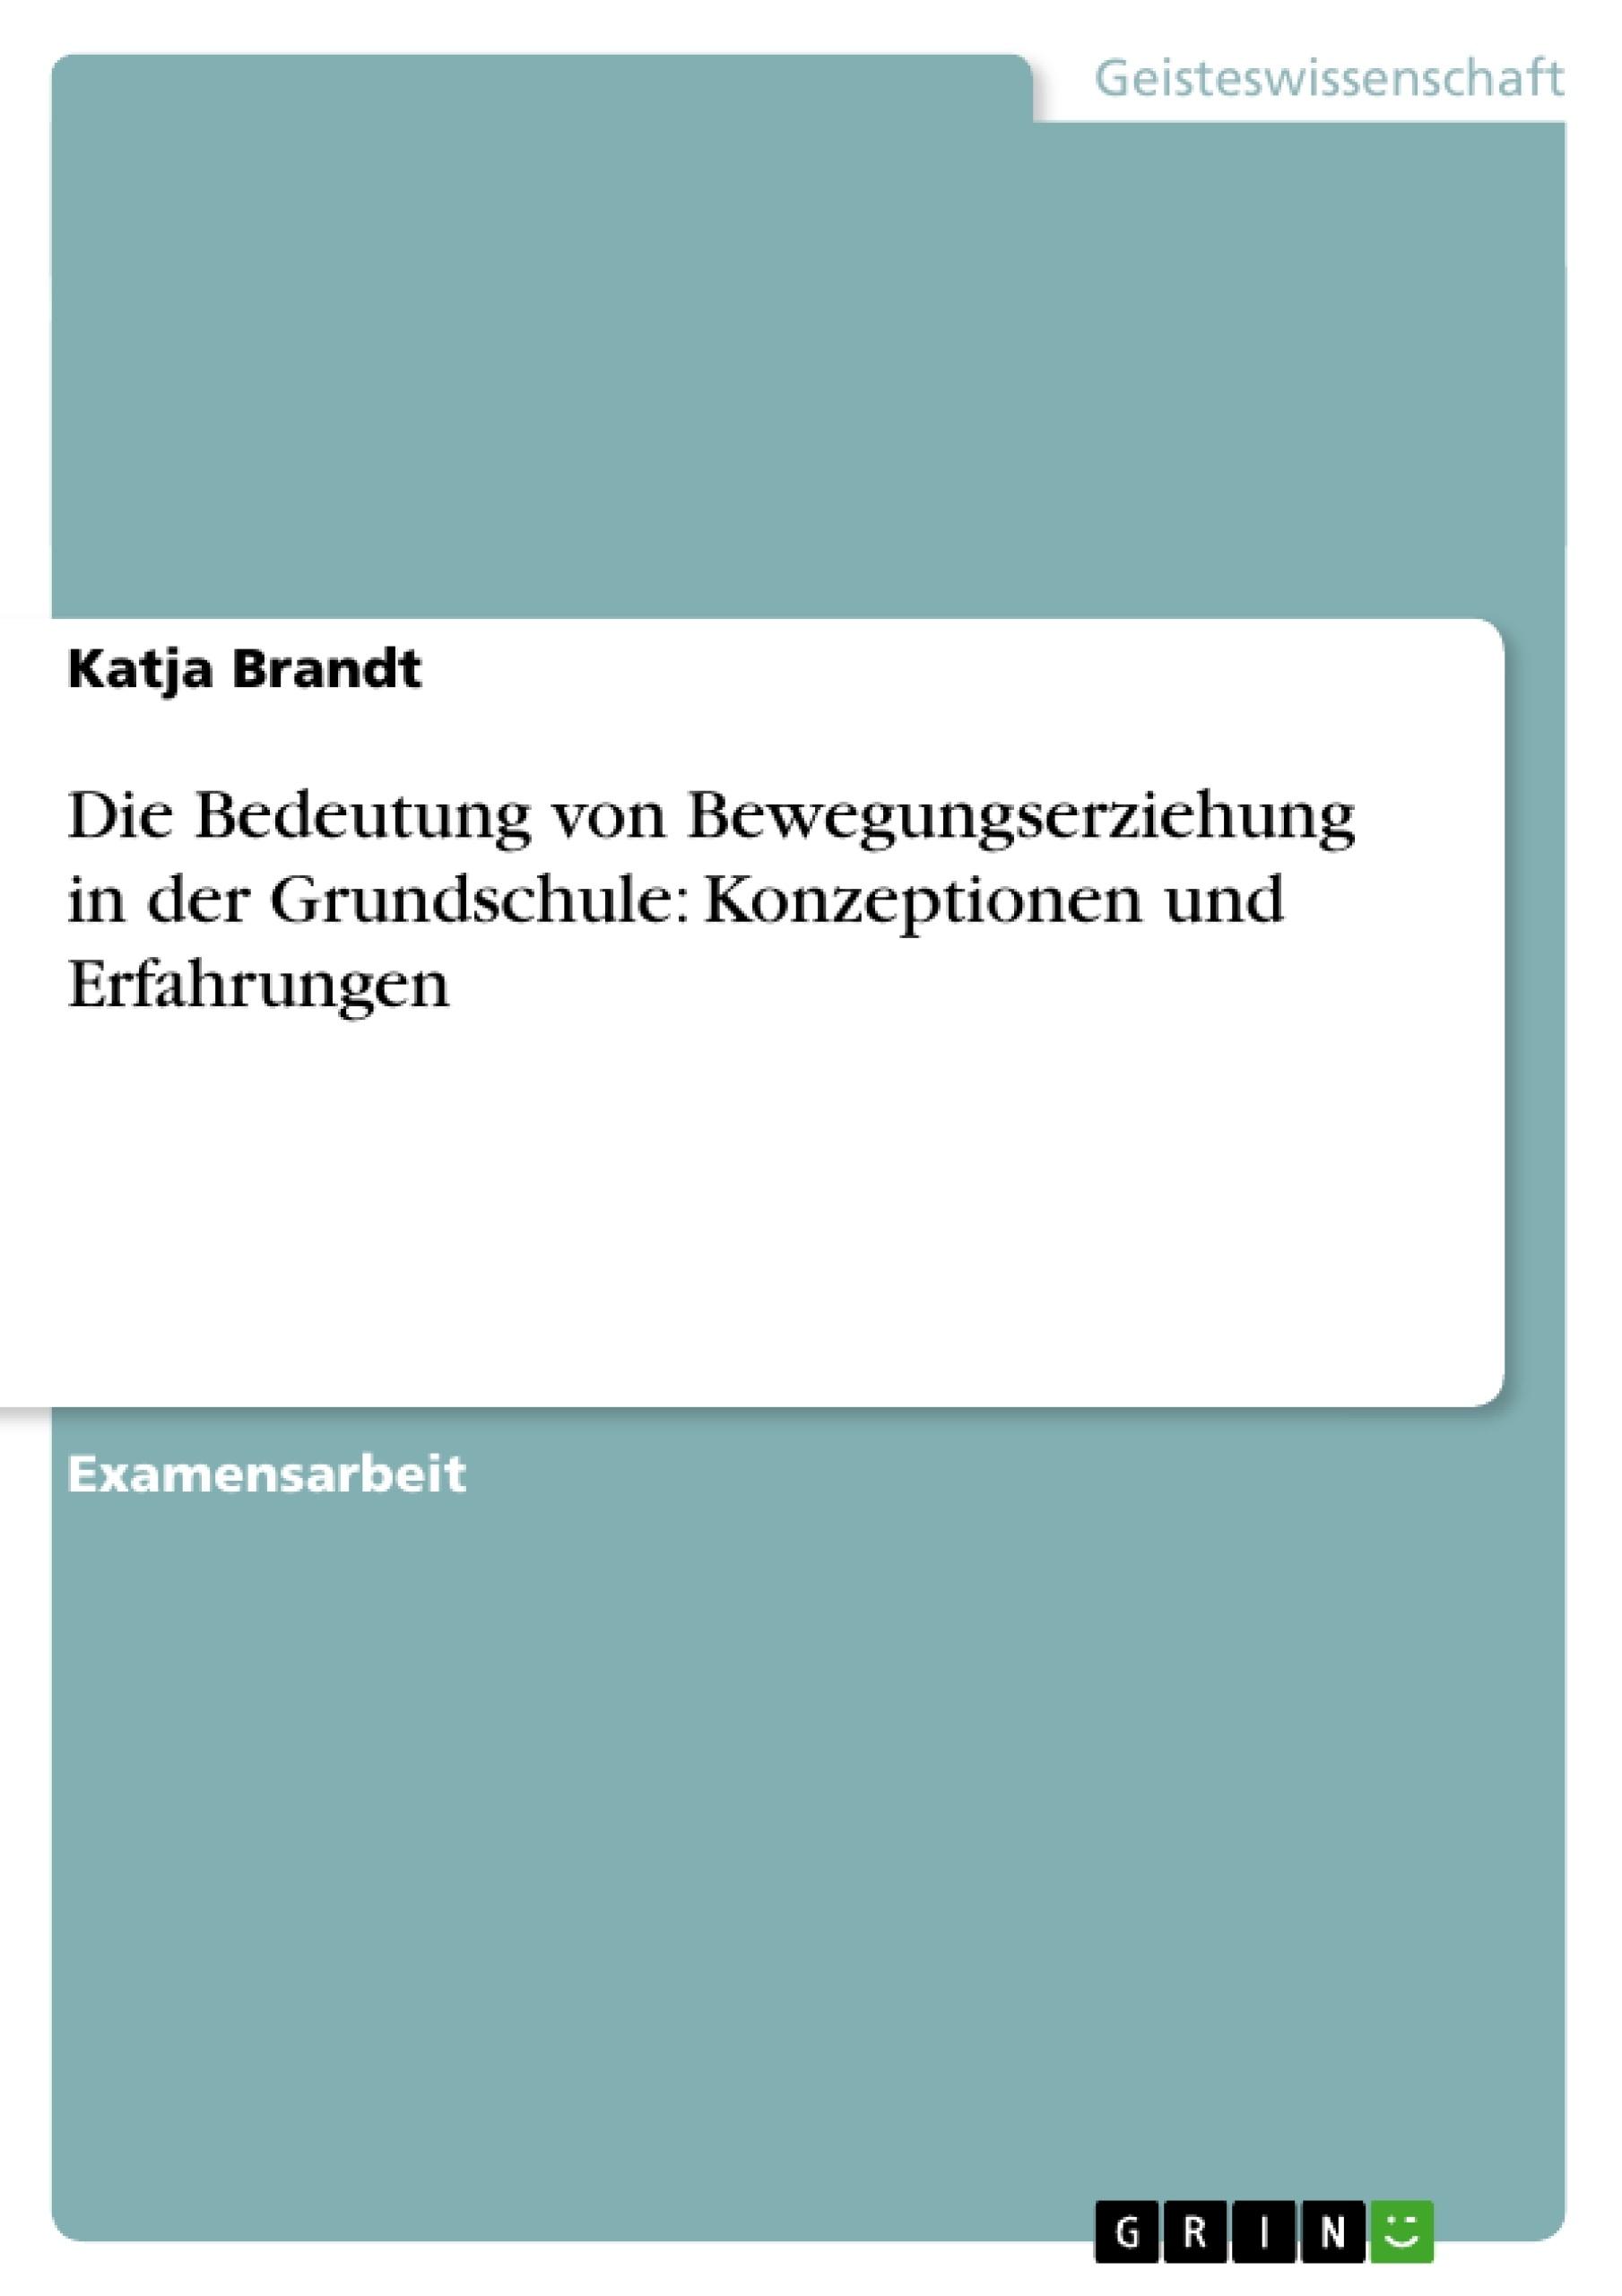 Titel: Die Bedeutung von Bewegungserziehung in der Grundschule: Konzeptionen und Erfahrungen